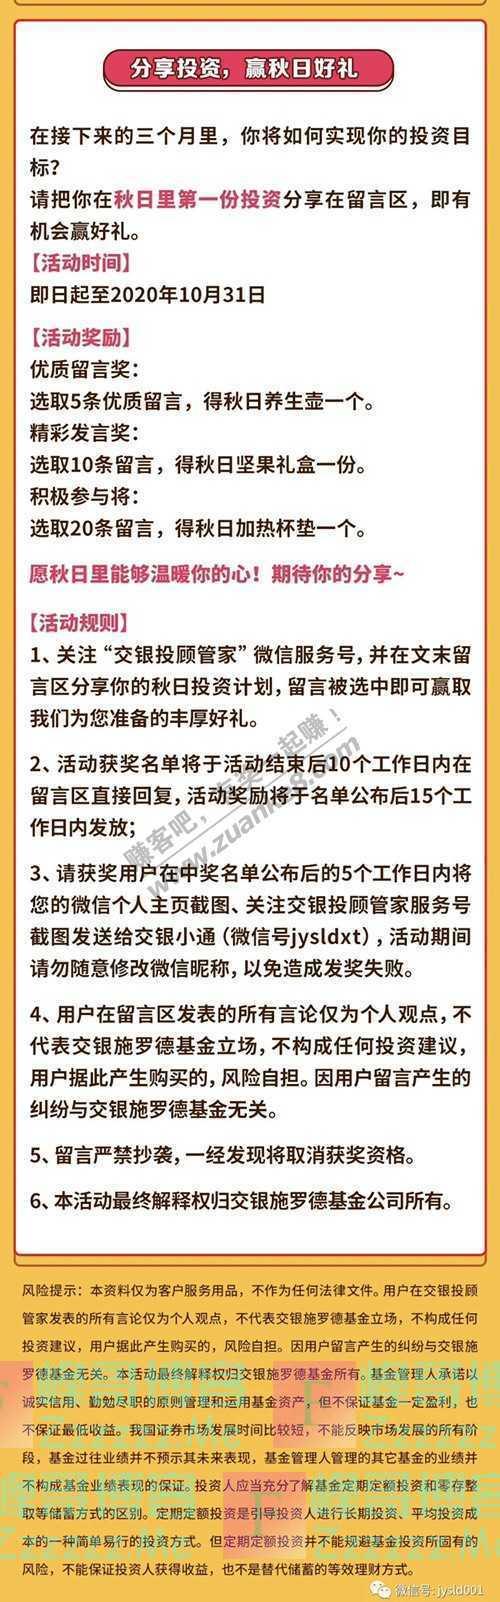 交银投顾管家留言有礼 | 秋天的第一份投资准备好了吗?(10月31日截止)